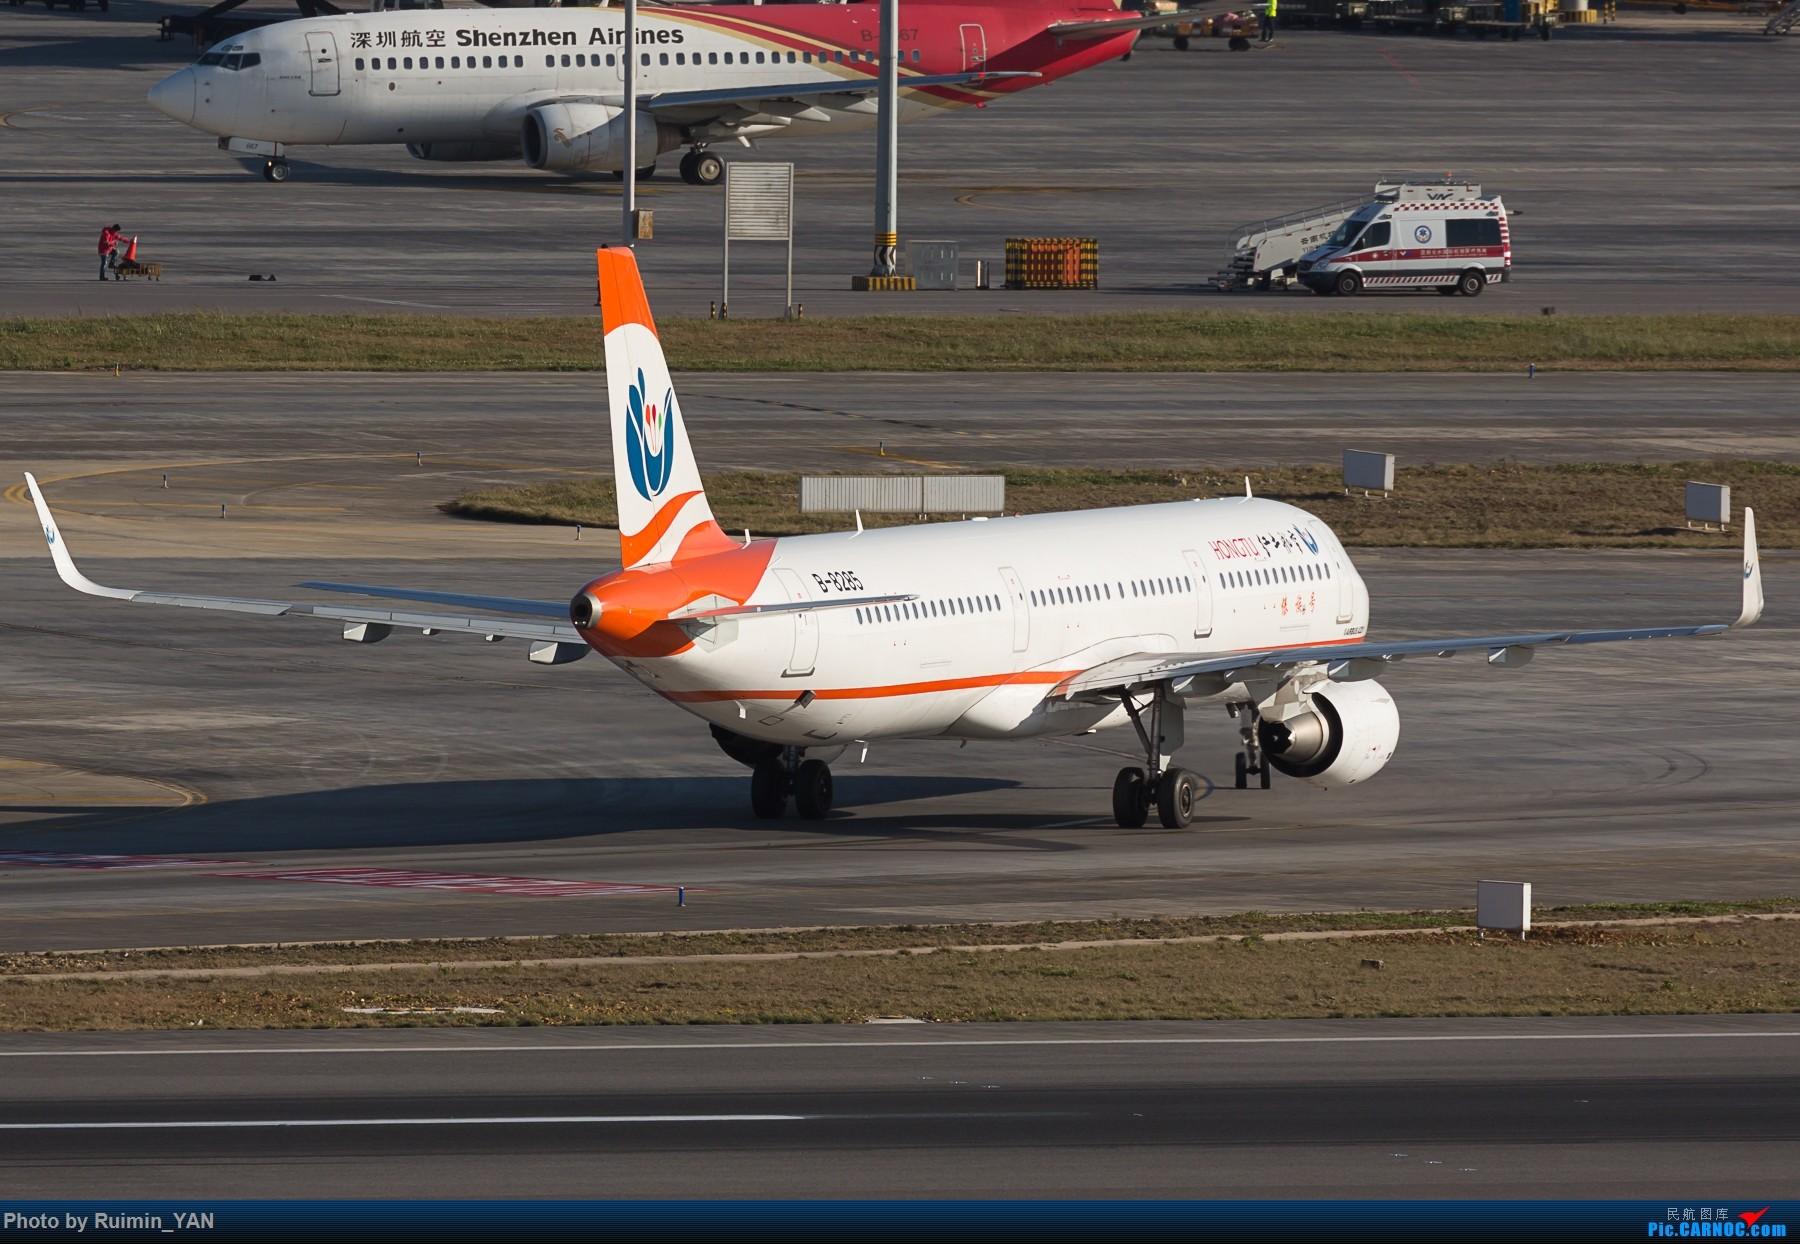 [原创]【KMG】红土航空(A6) 傣族号B-8285 傈僳族号B-8318 A321 AIRBUS A321-200 B-8285 中国昆明长水国际机场